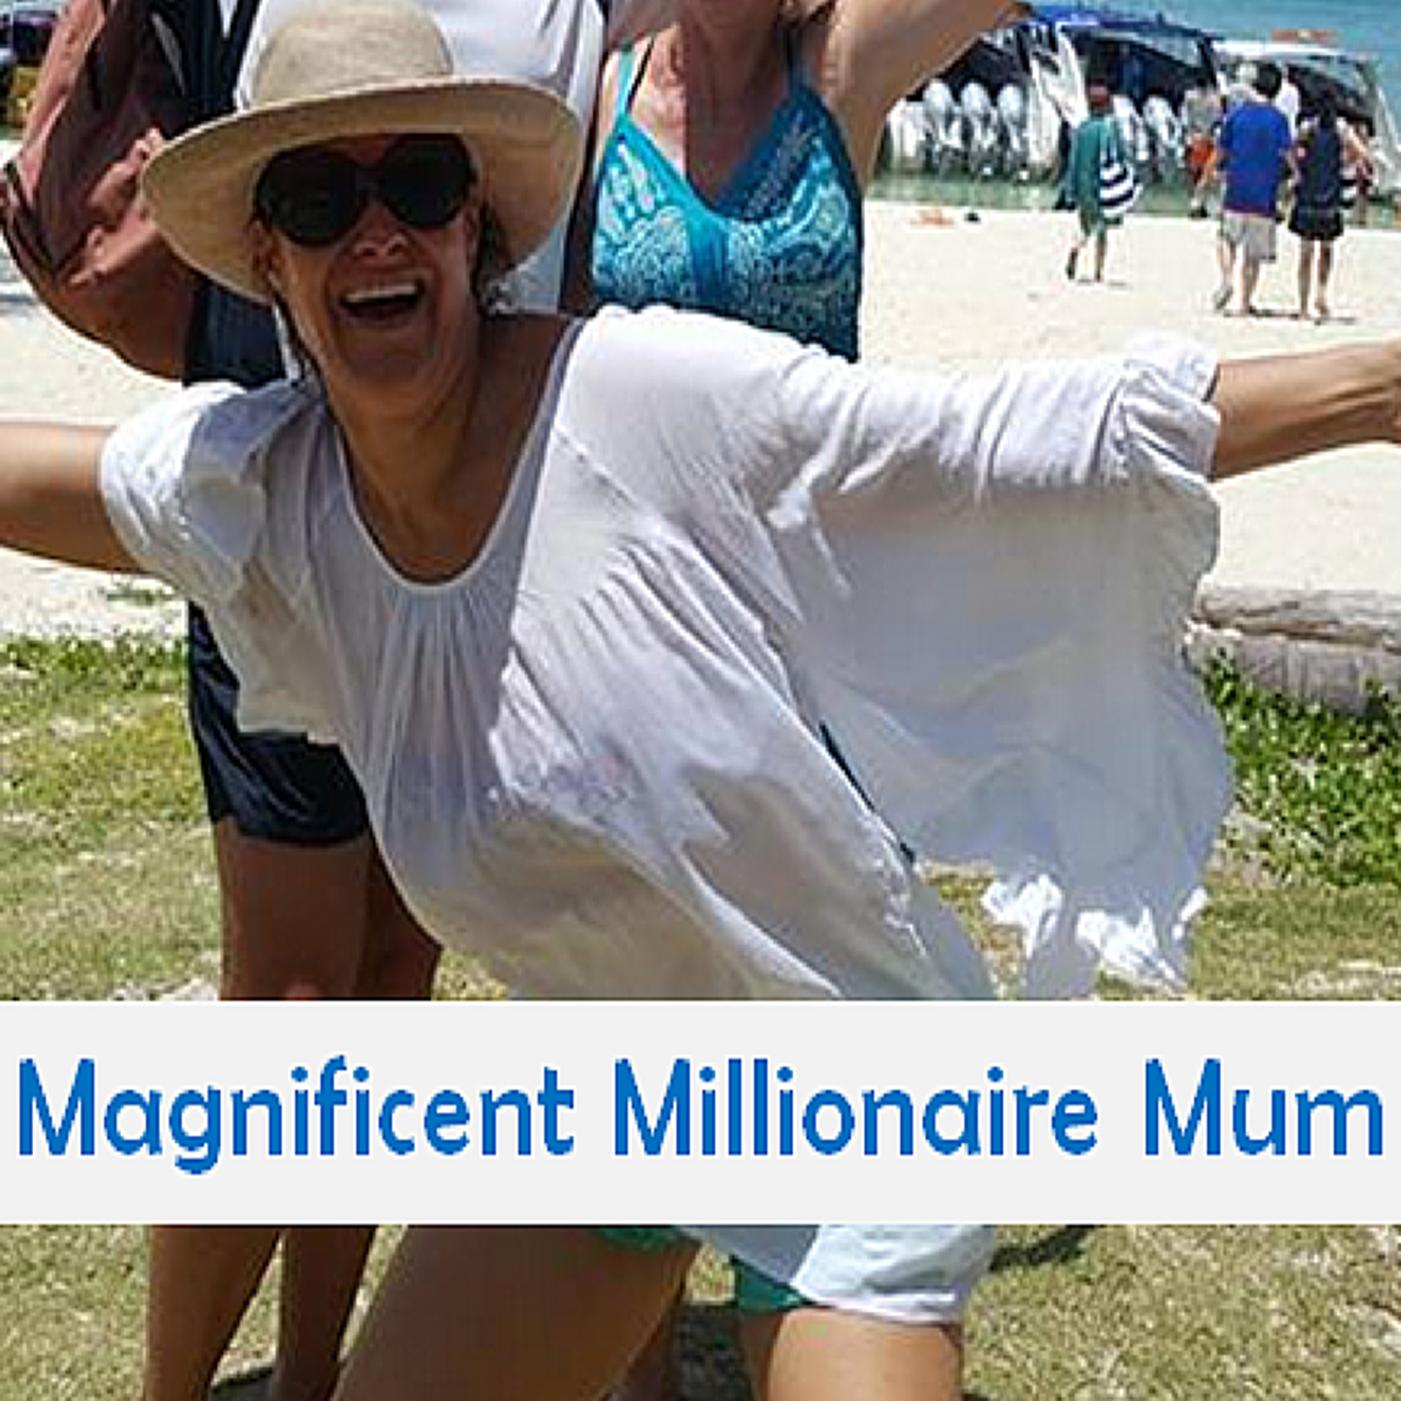 <![CDATA[Magnicficent Millionaire Mum]]>